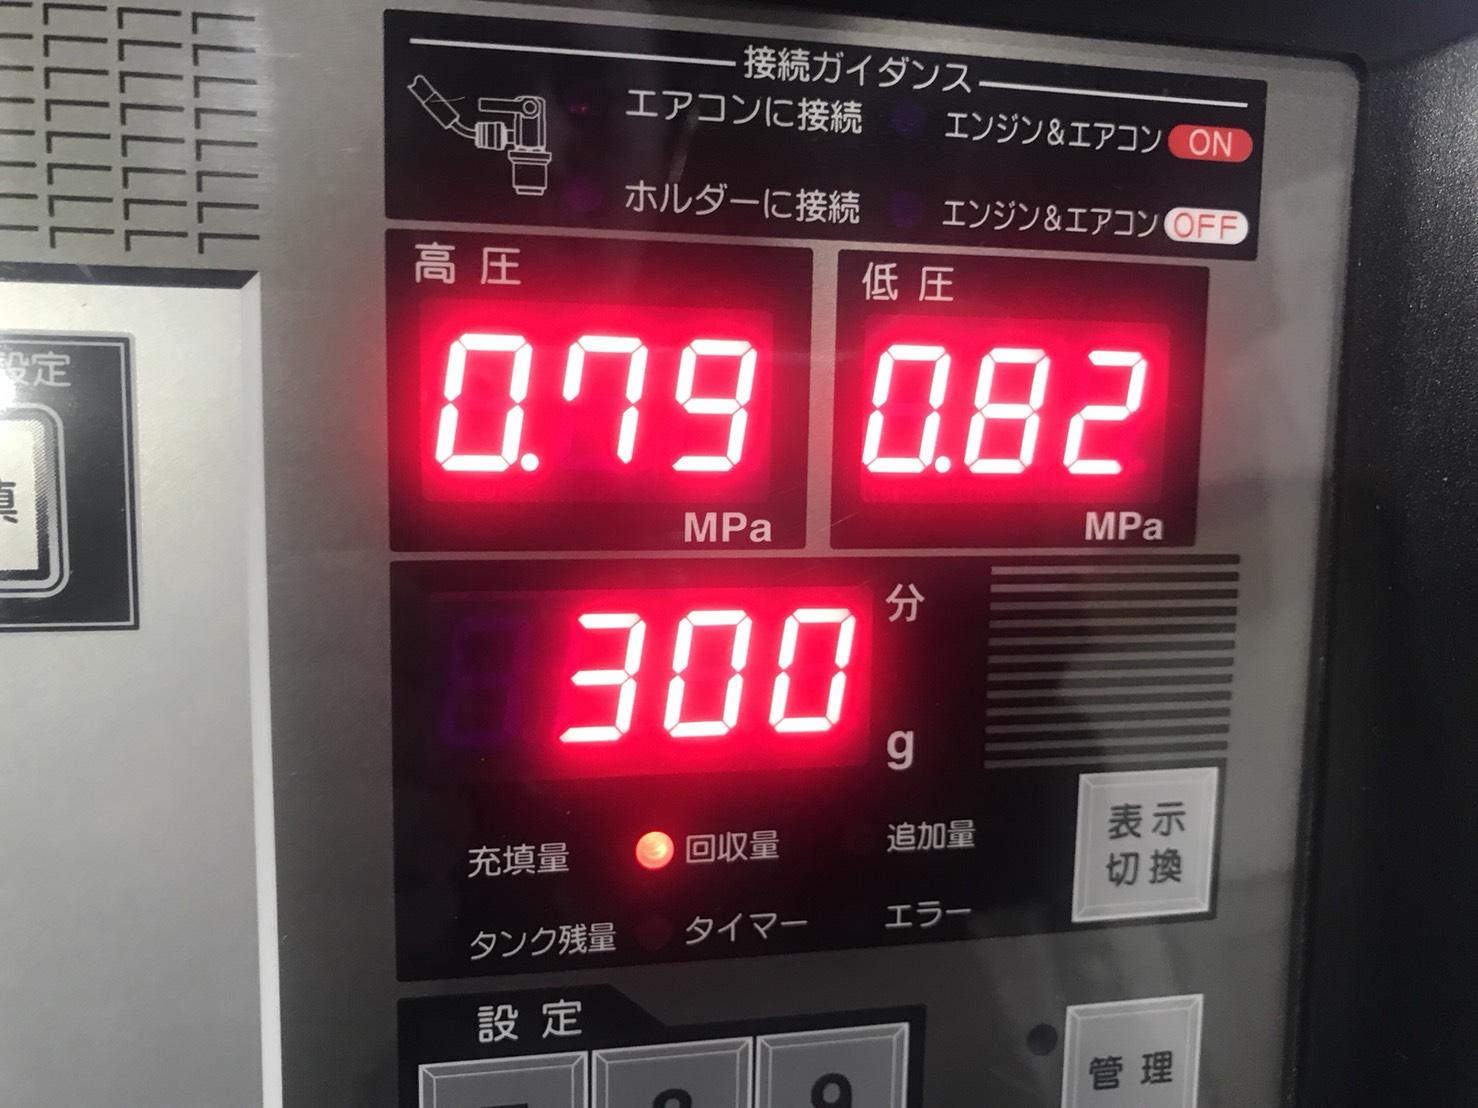 トヨタ ヴィッツ エアコンガス回収値 エアコンガス補充 AVARTH PS134 岐阜県 岐南町